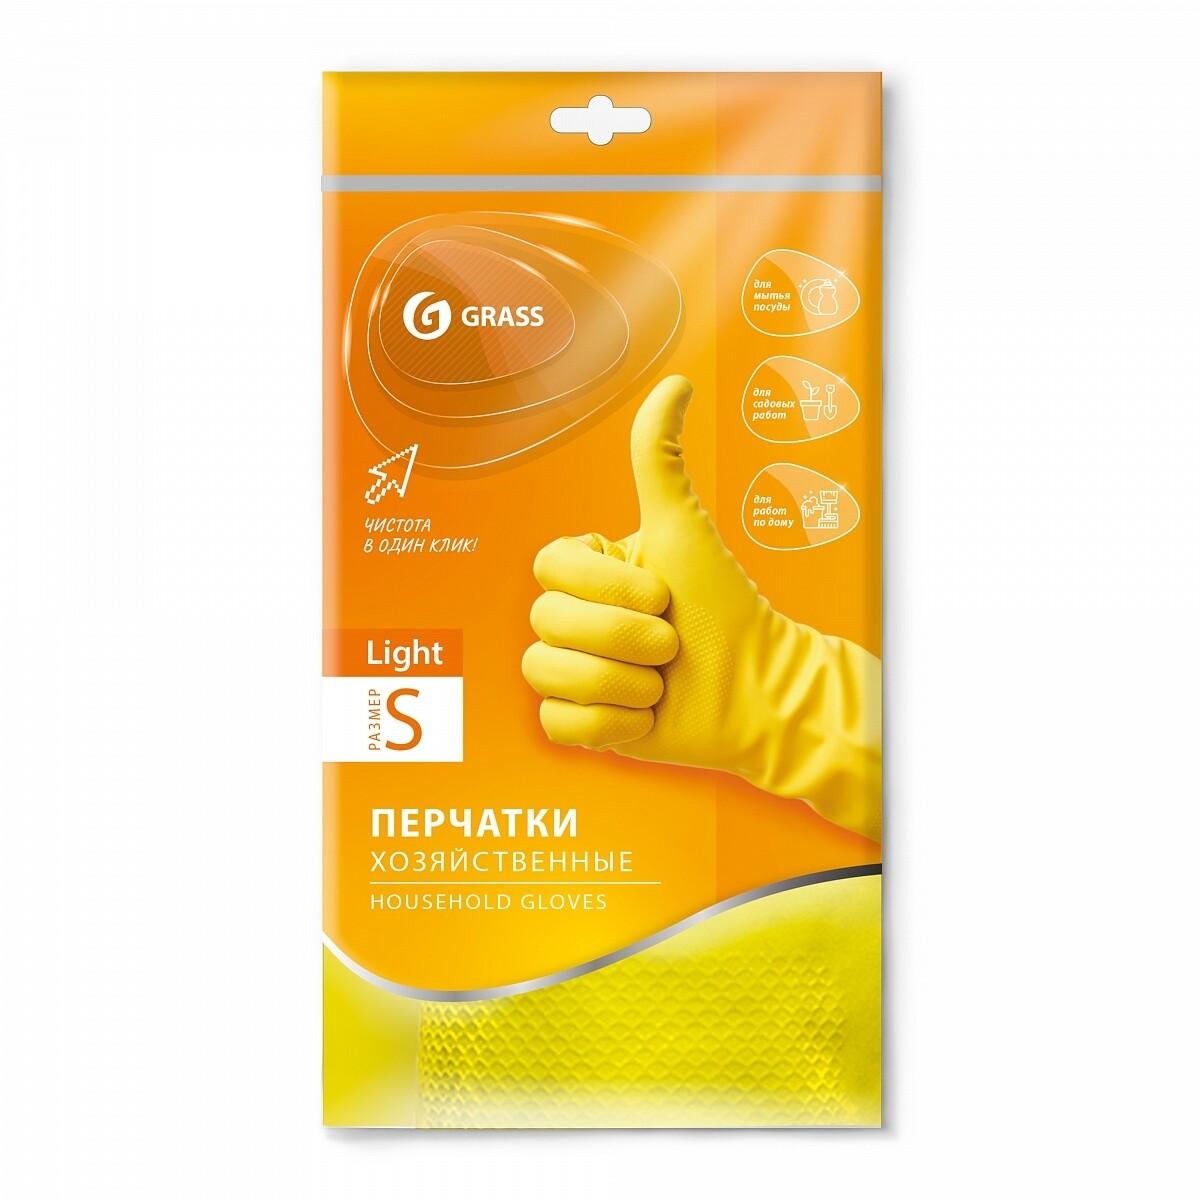 Перчатки хозяйственные латексные в индивидуальной упаковке, желтые light, размер S (пара)